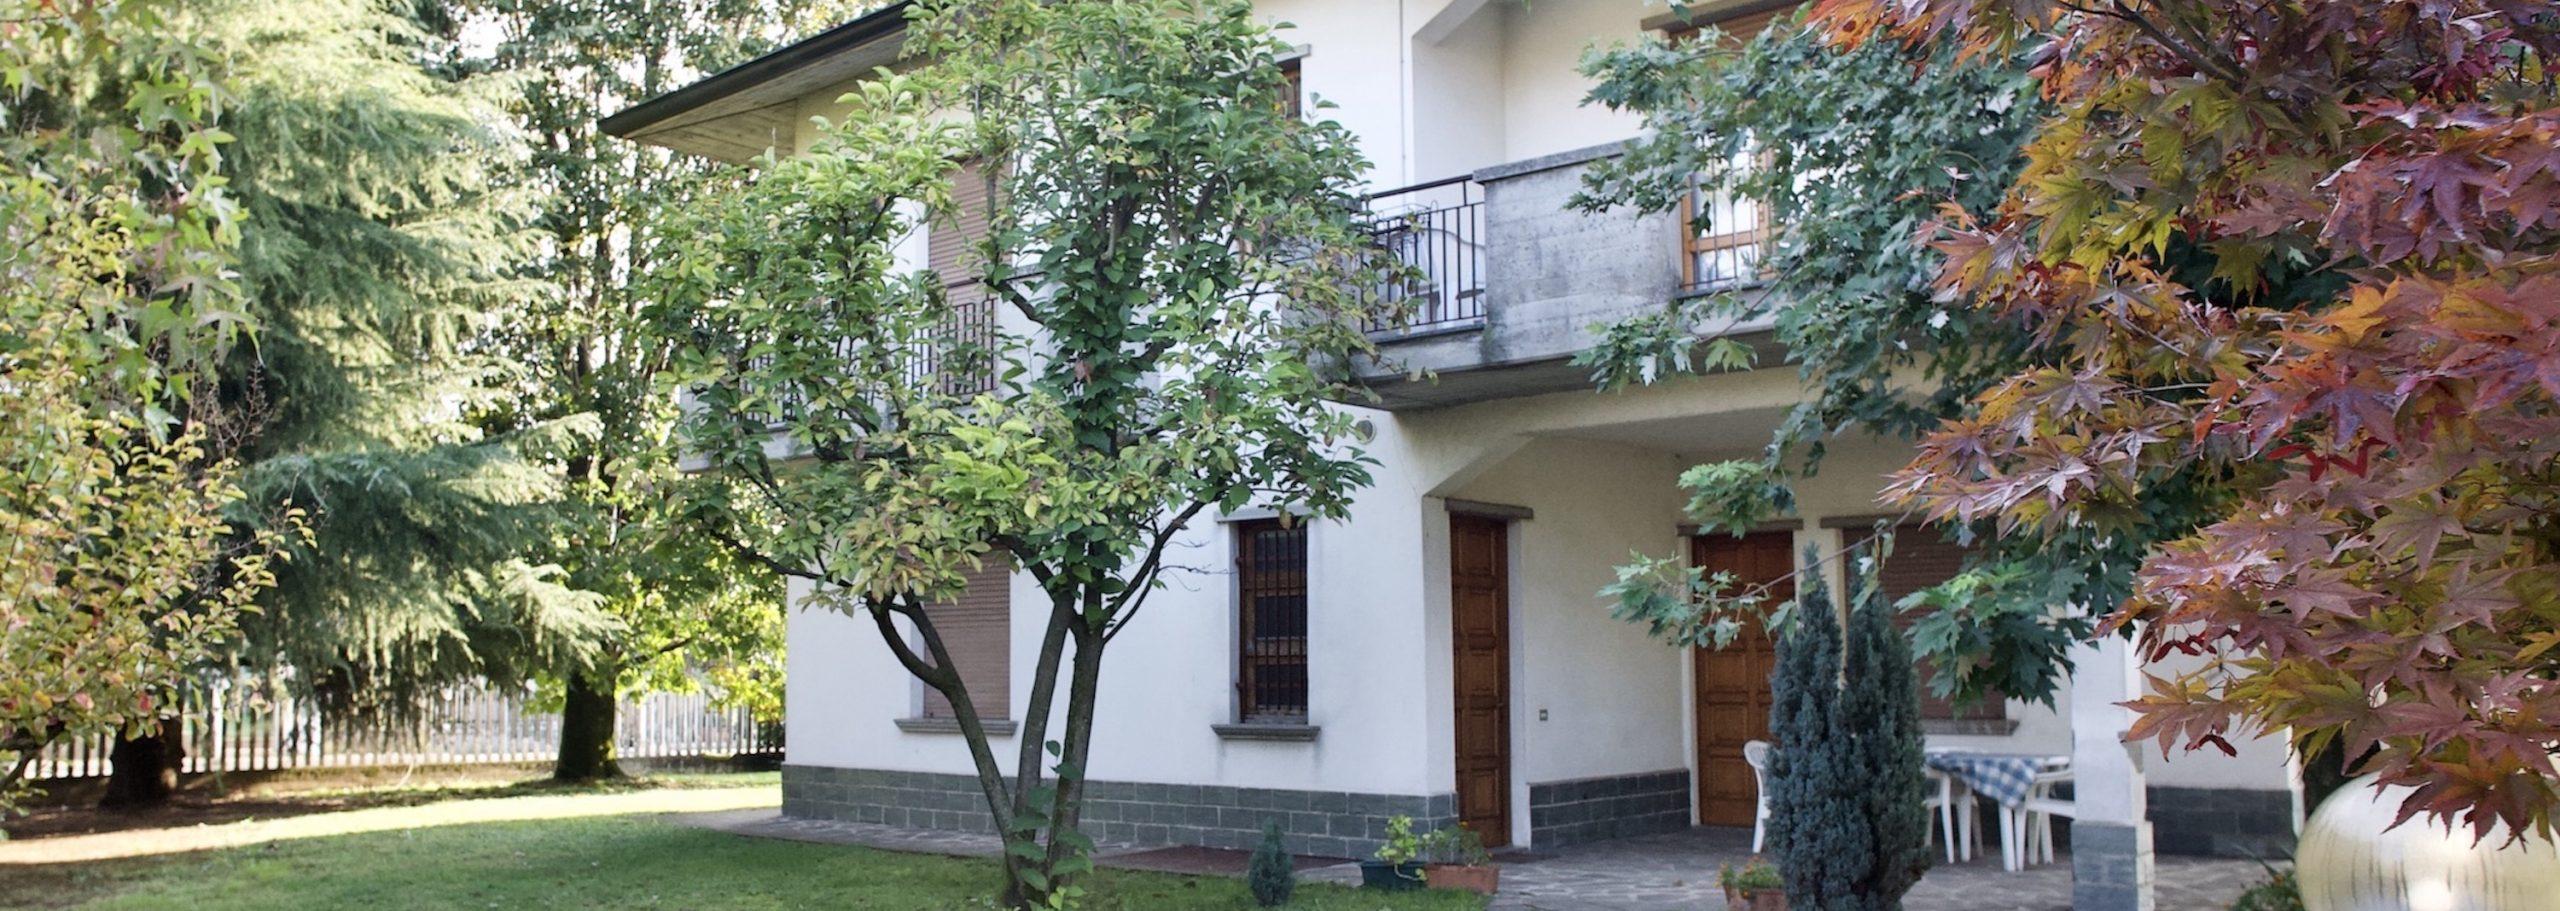 Villa singola a Caravaggio